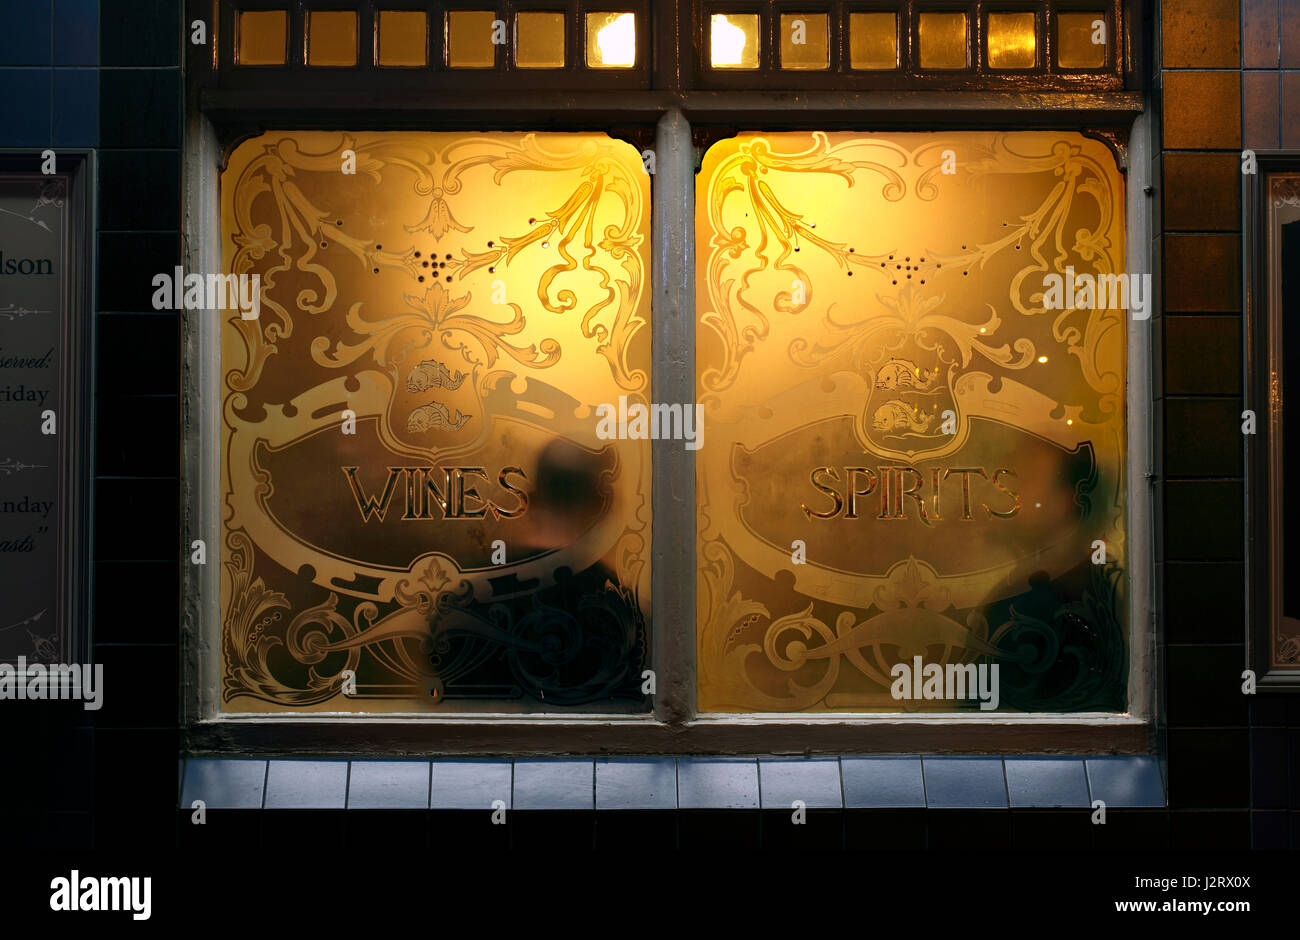 El cálido y acogedor ambiente de un pub Inglés - como se ve desde la calle. Imagen De Stock